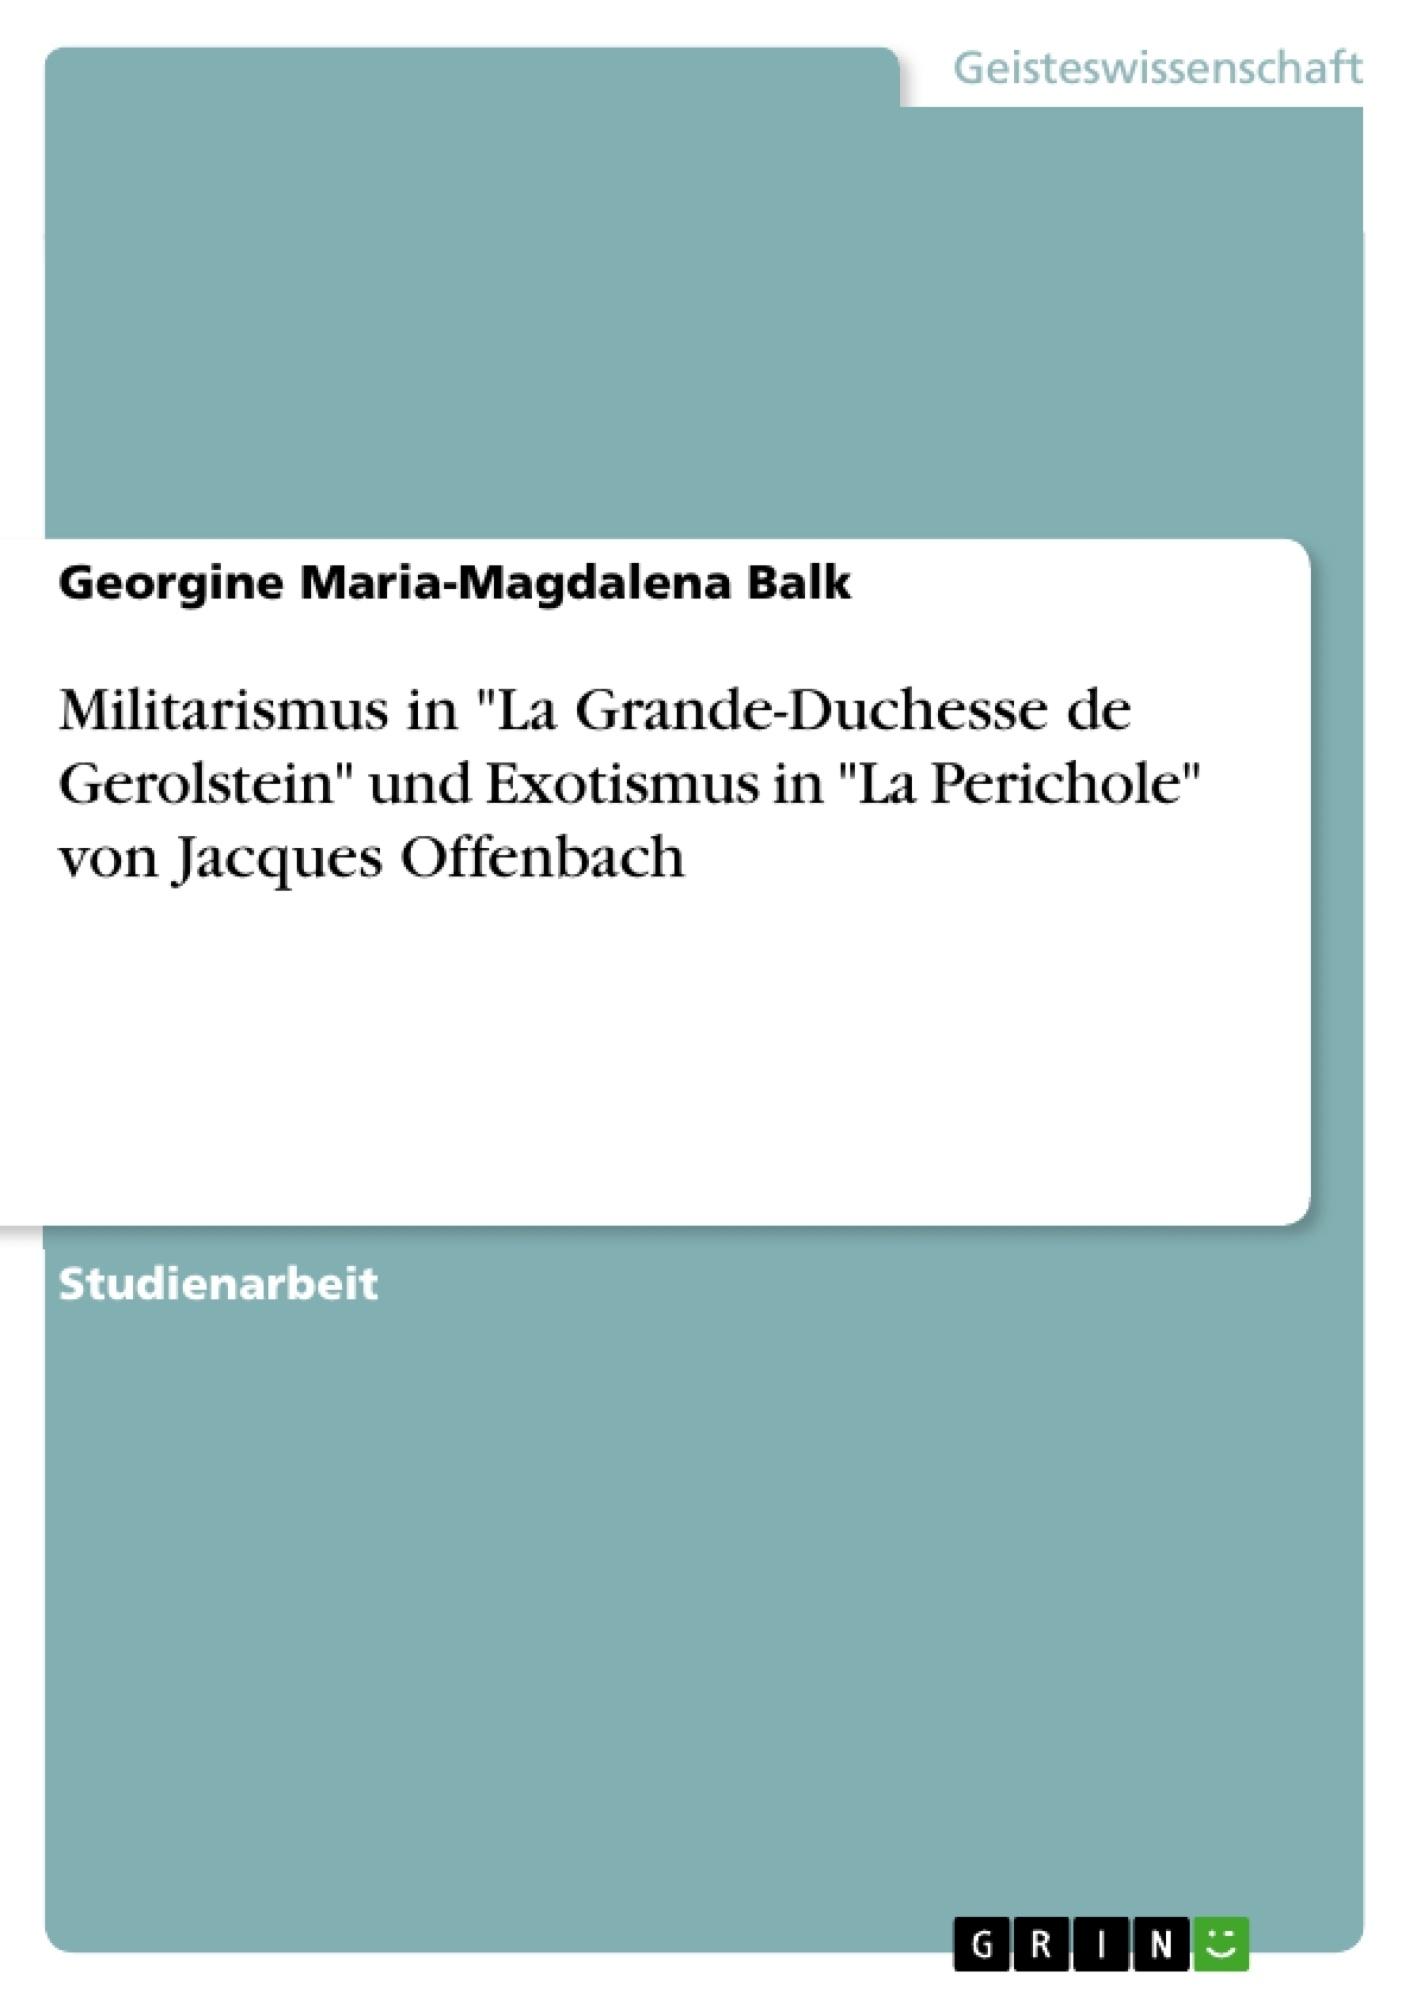 """Titel: Militarismus in """"La Grande-Duchesse de Gerolstein"""" und Exotismus in """"La Perichole"""" von Jacques Offenbach"""